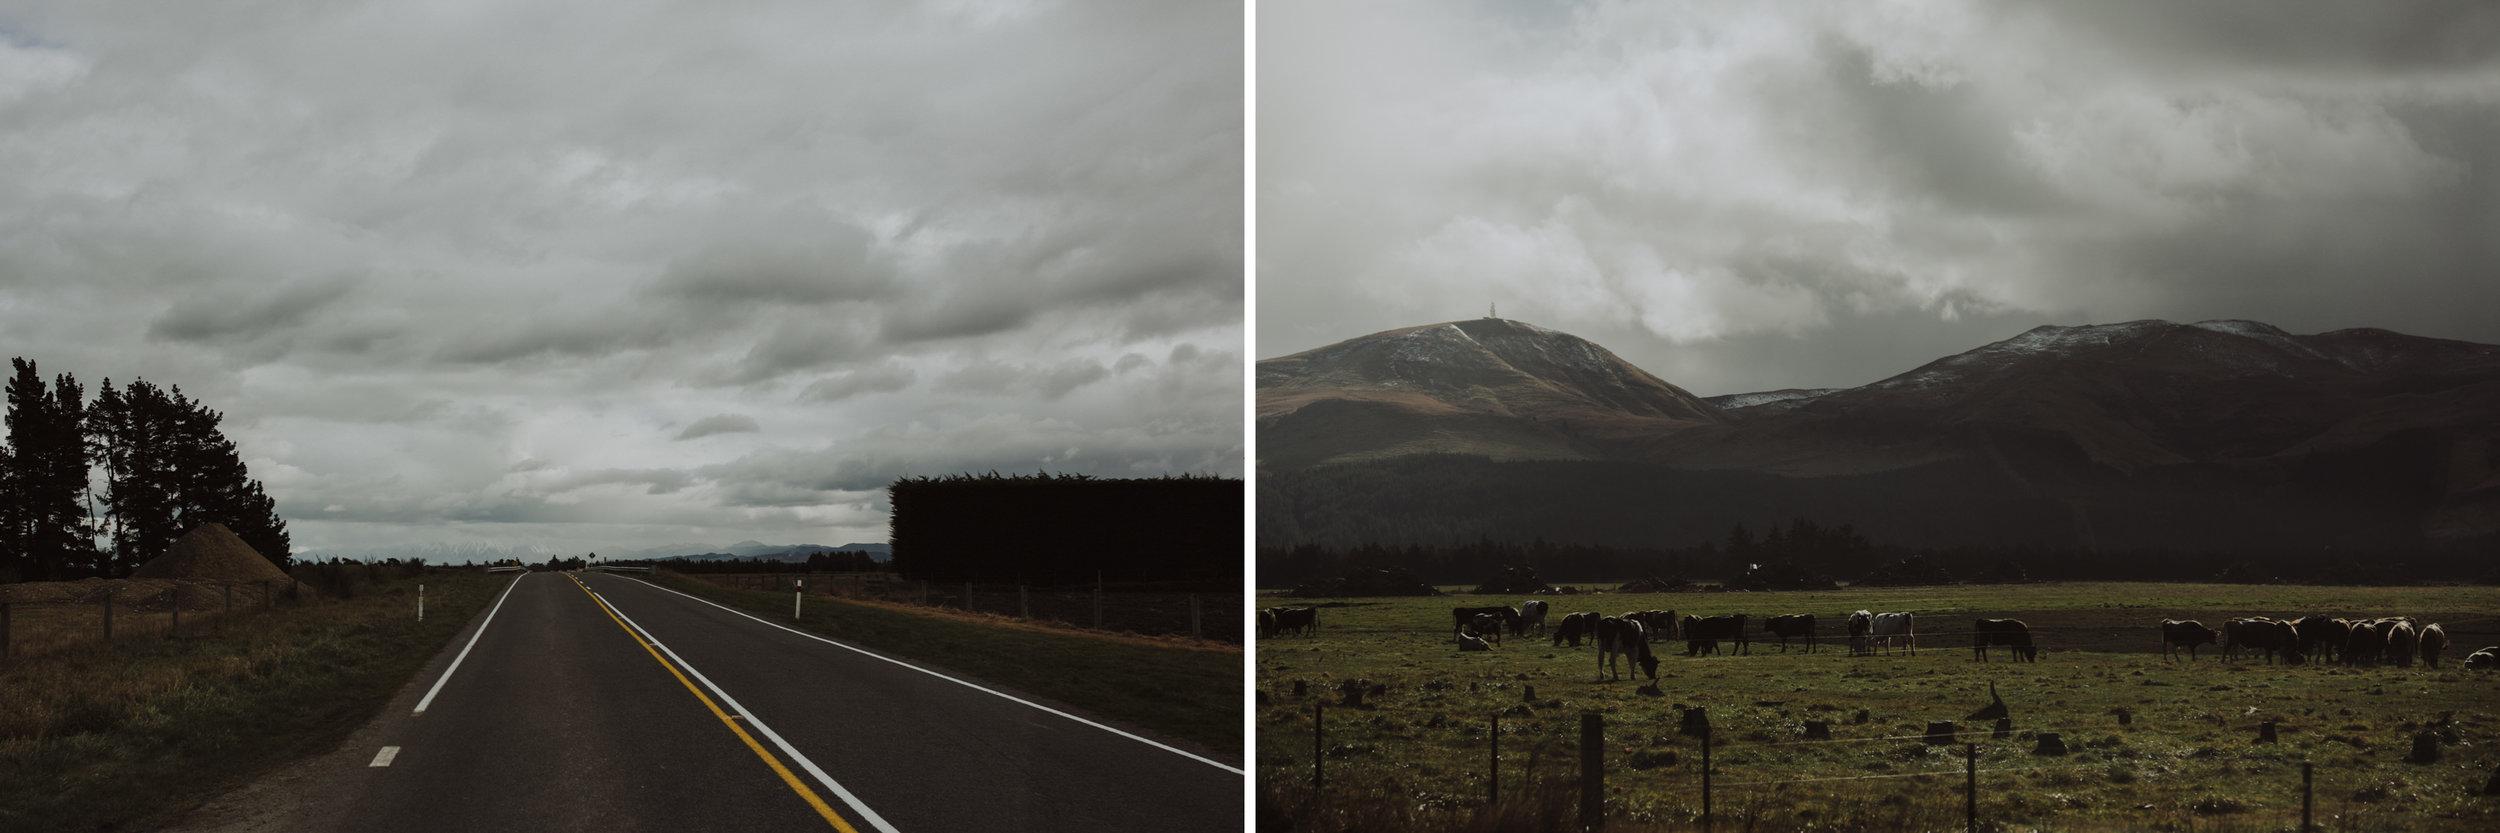 ElizaJadePhotography-2.jpg